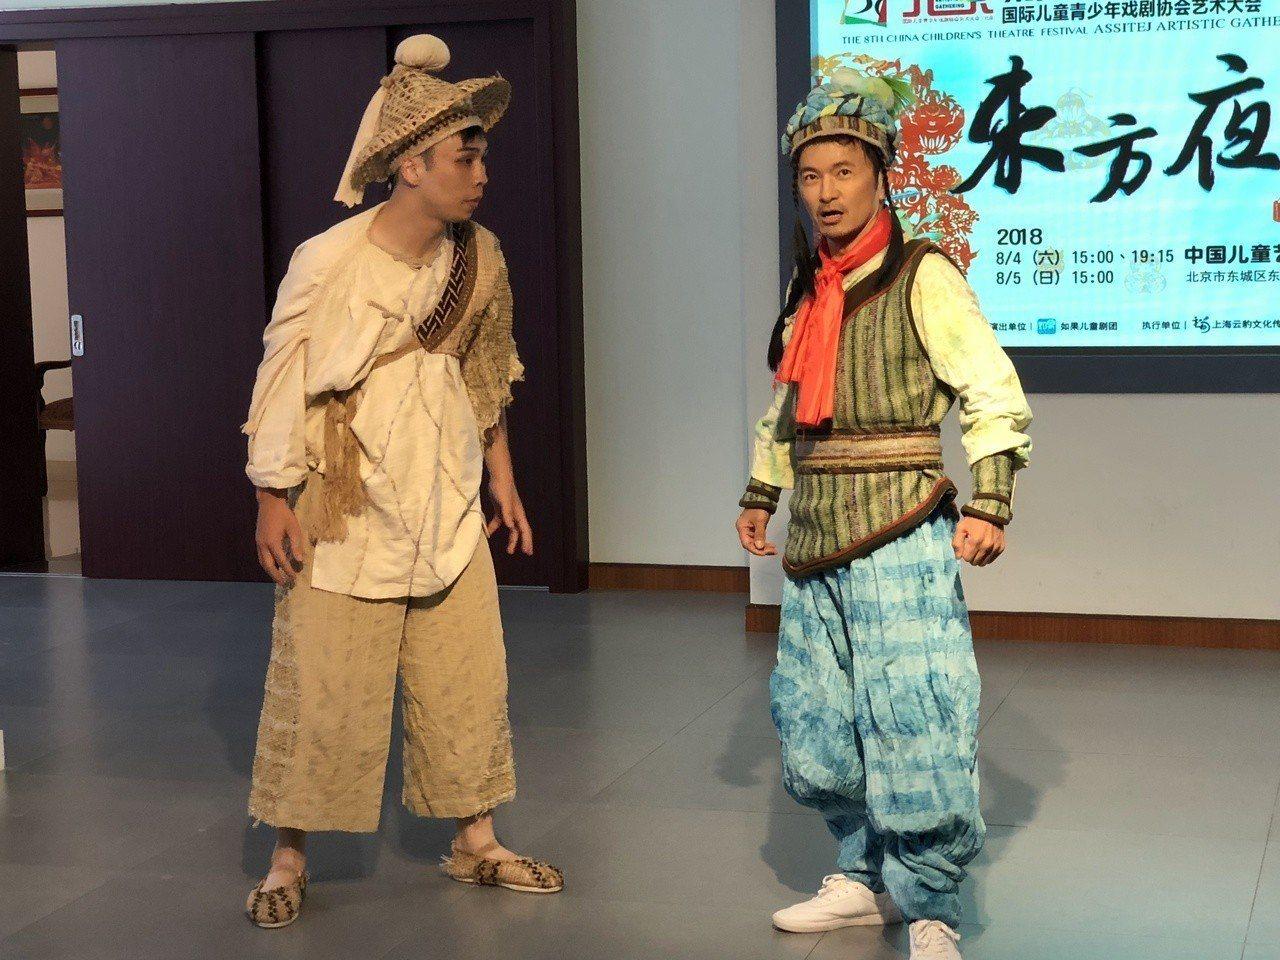 趙自強領軍的「如果兒童劇團」今年以舞台劇「東方夜譚」參演第八屆中國兒童戲劇節,劇...